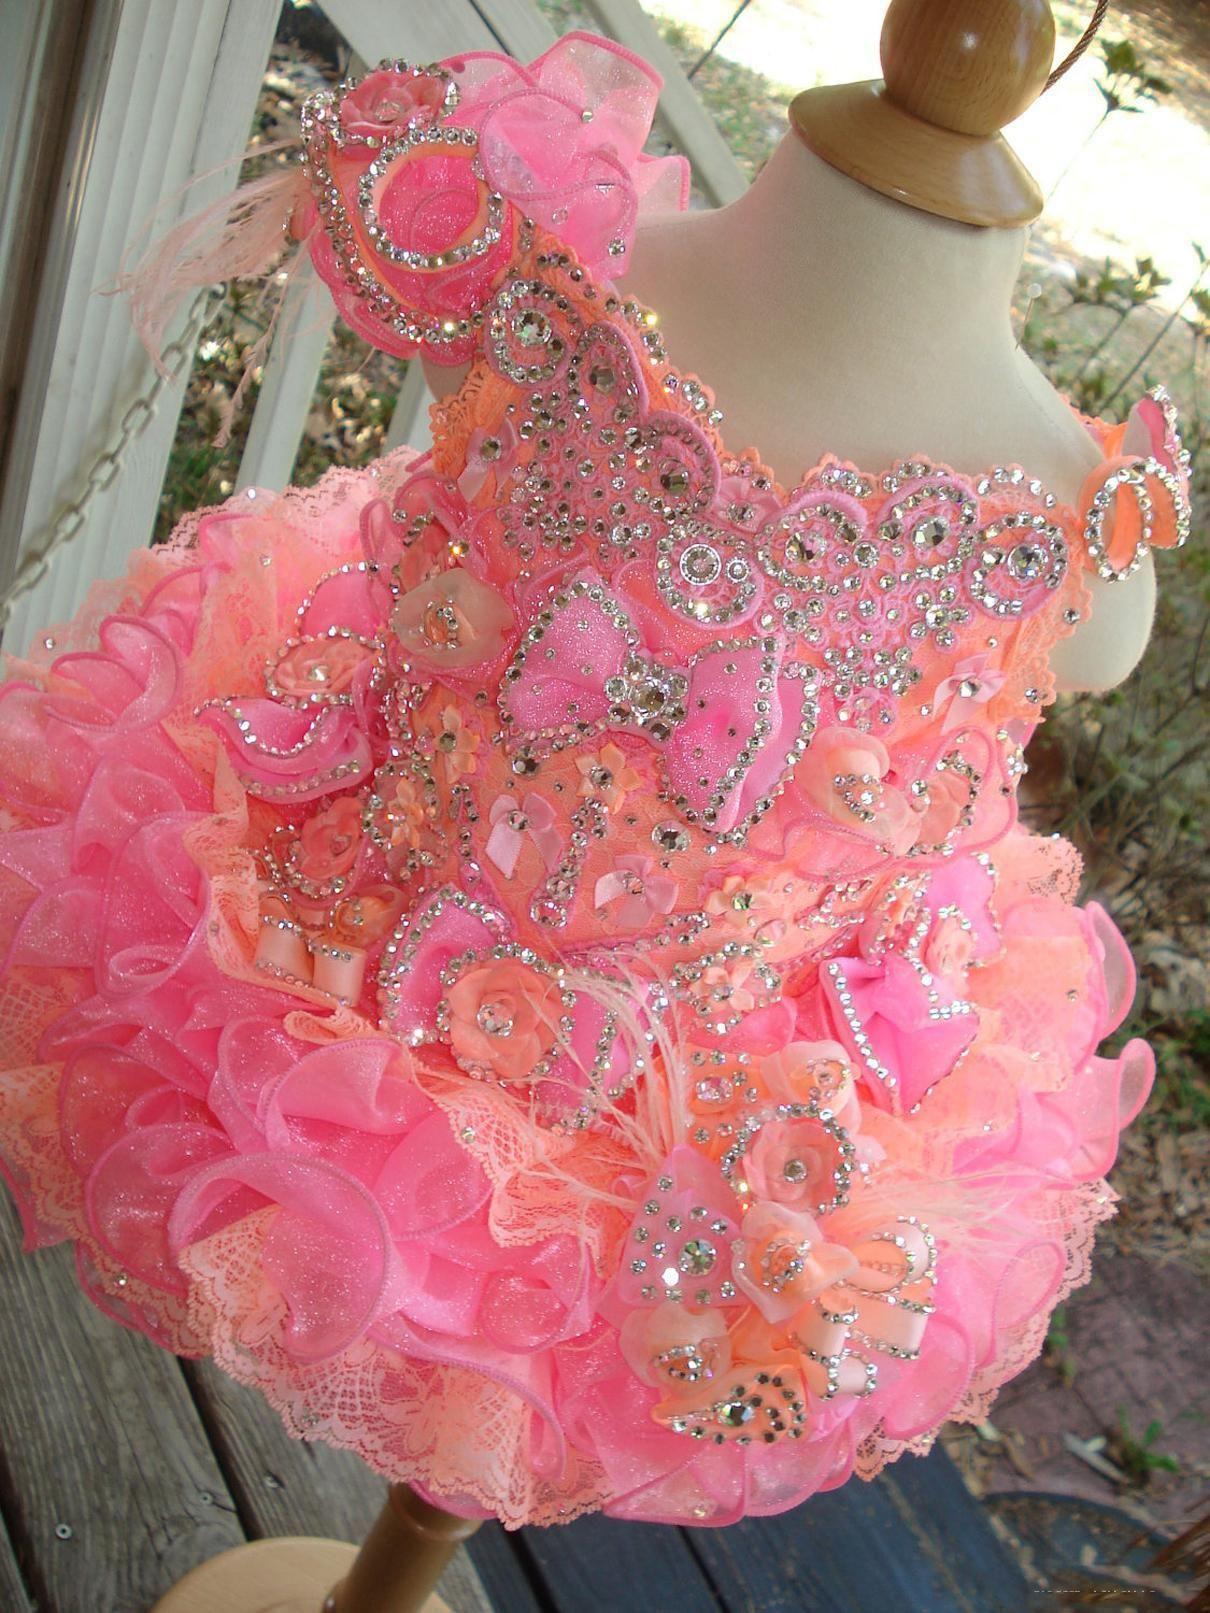 2021 Little Girls Pageant Dresses Rhinestones Beaded Handmade Flowers Toddler Glitz Mini Cupcake Gorgeous Flower Girl Dresses Lovely